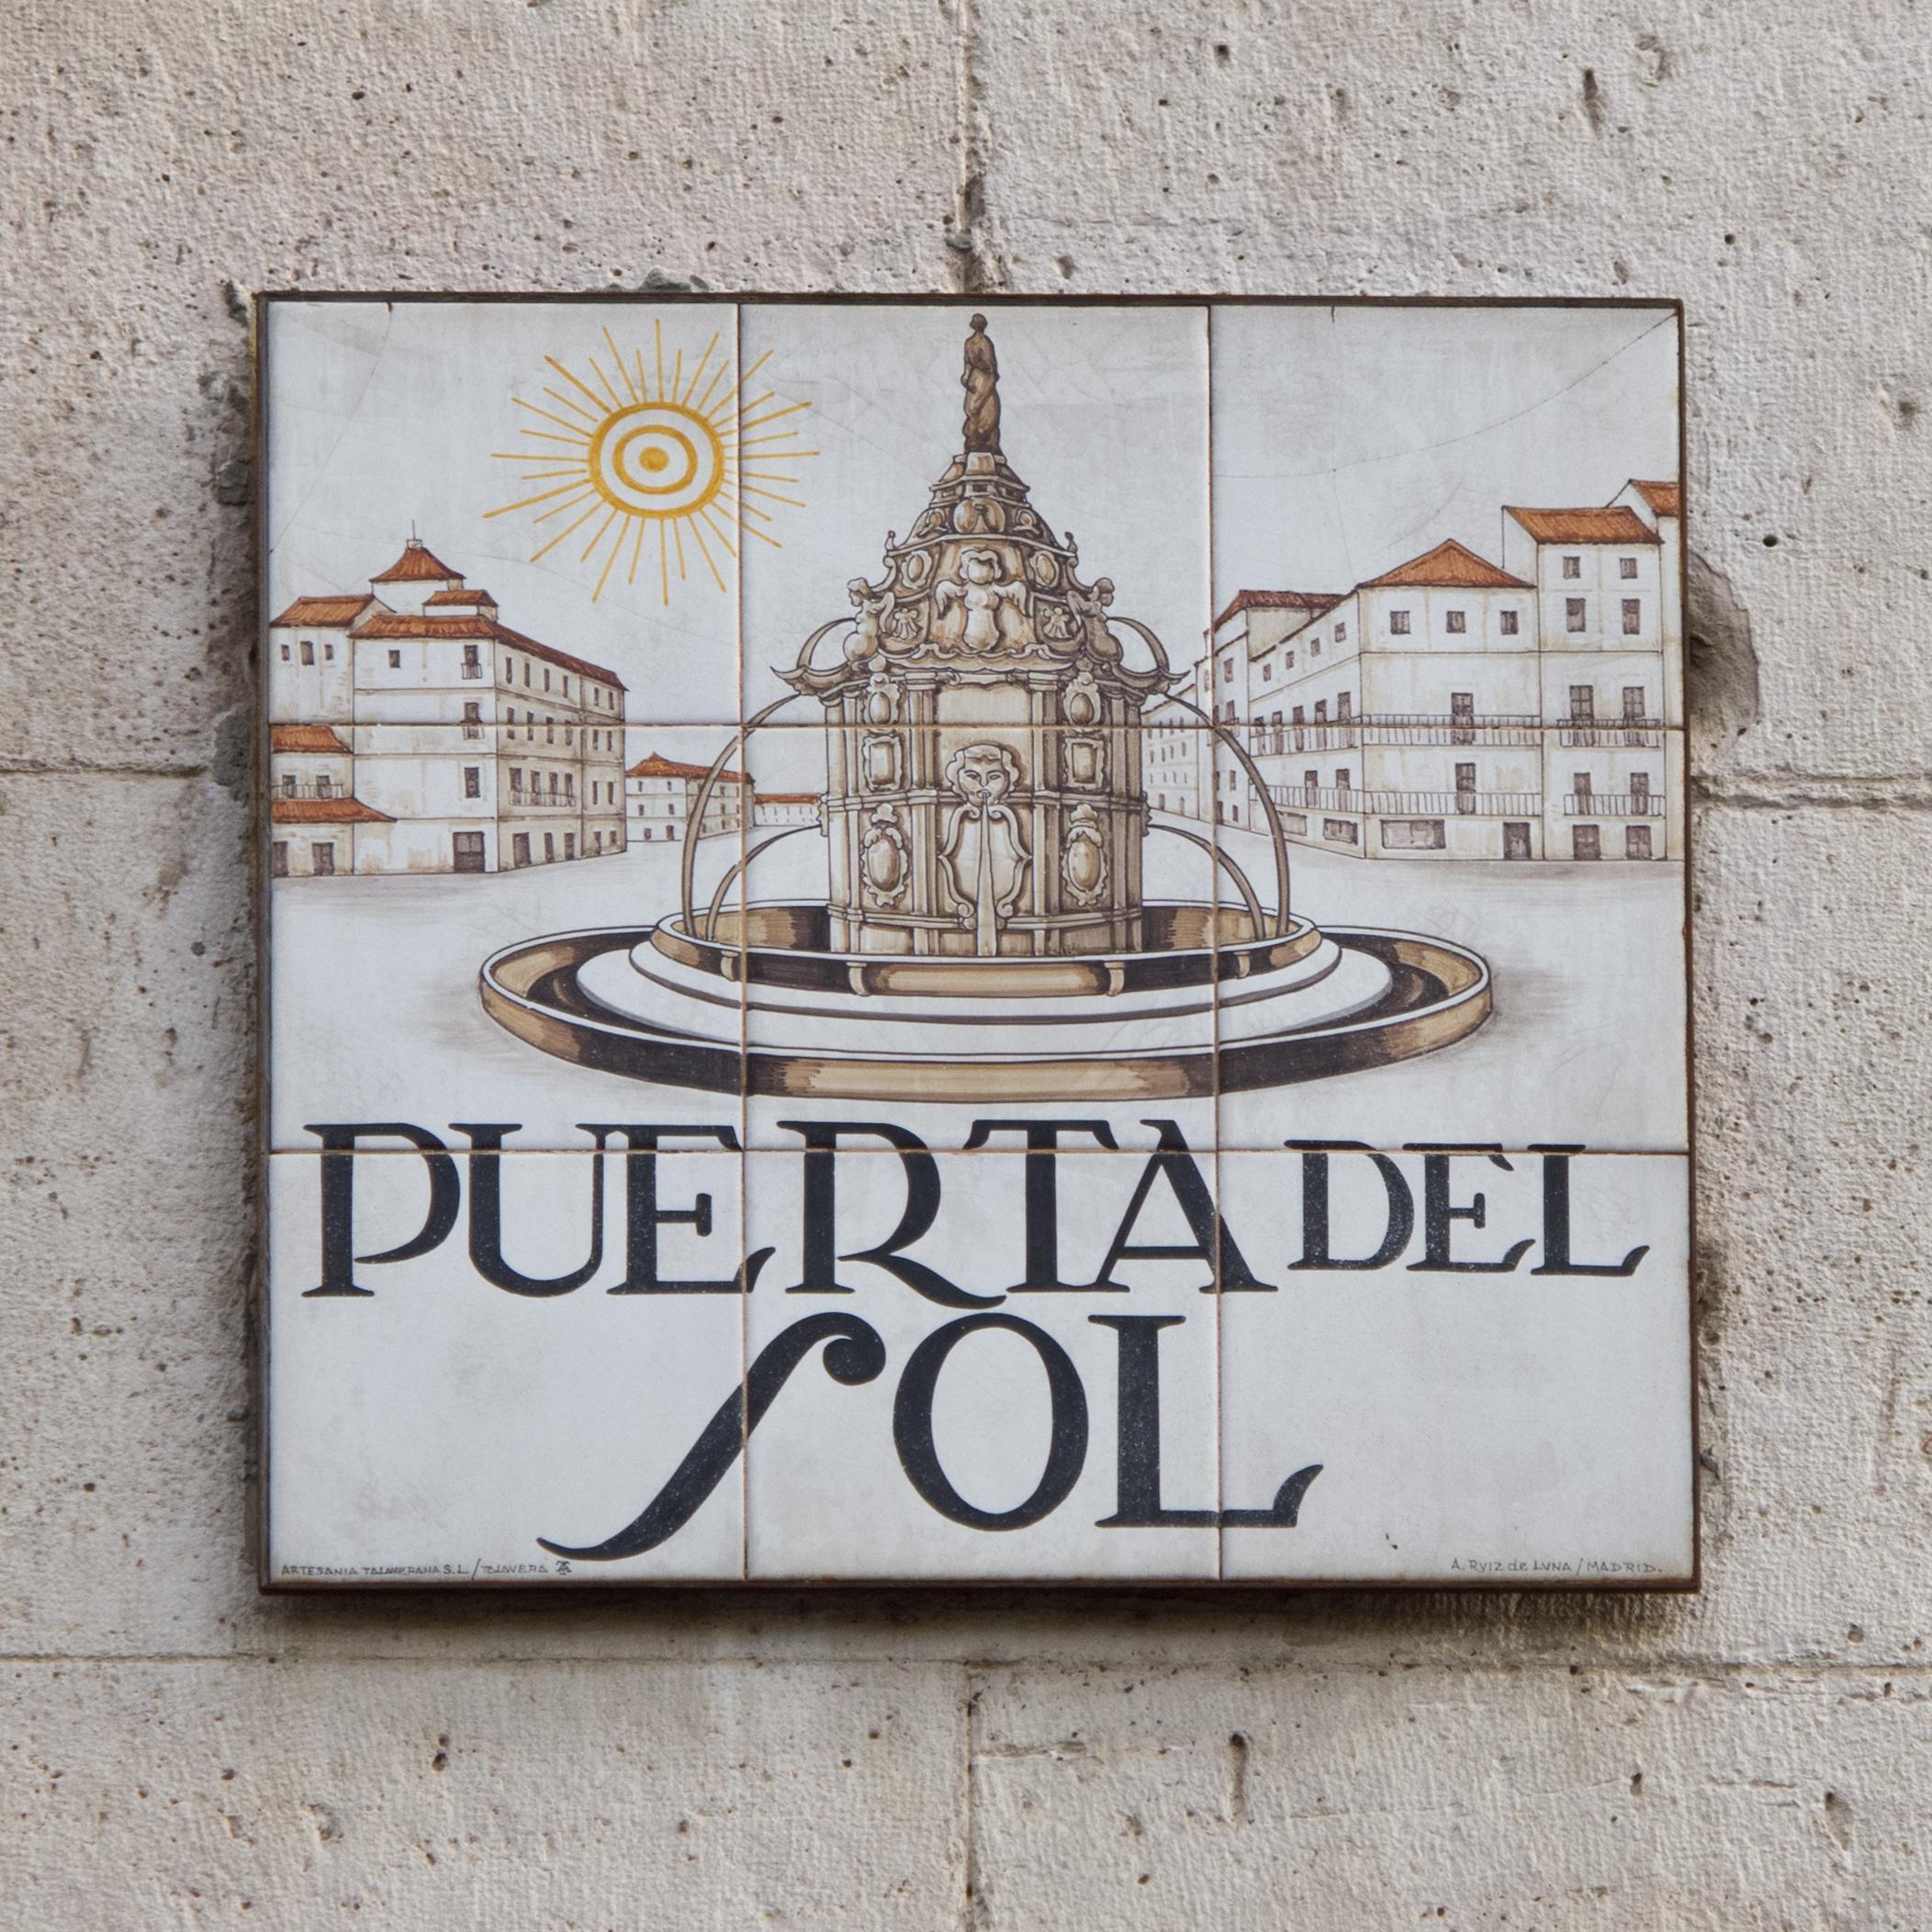 Puerta del sol for Puerta del so